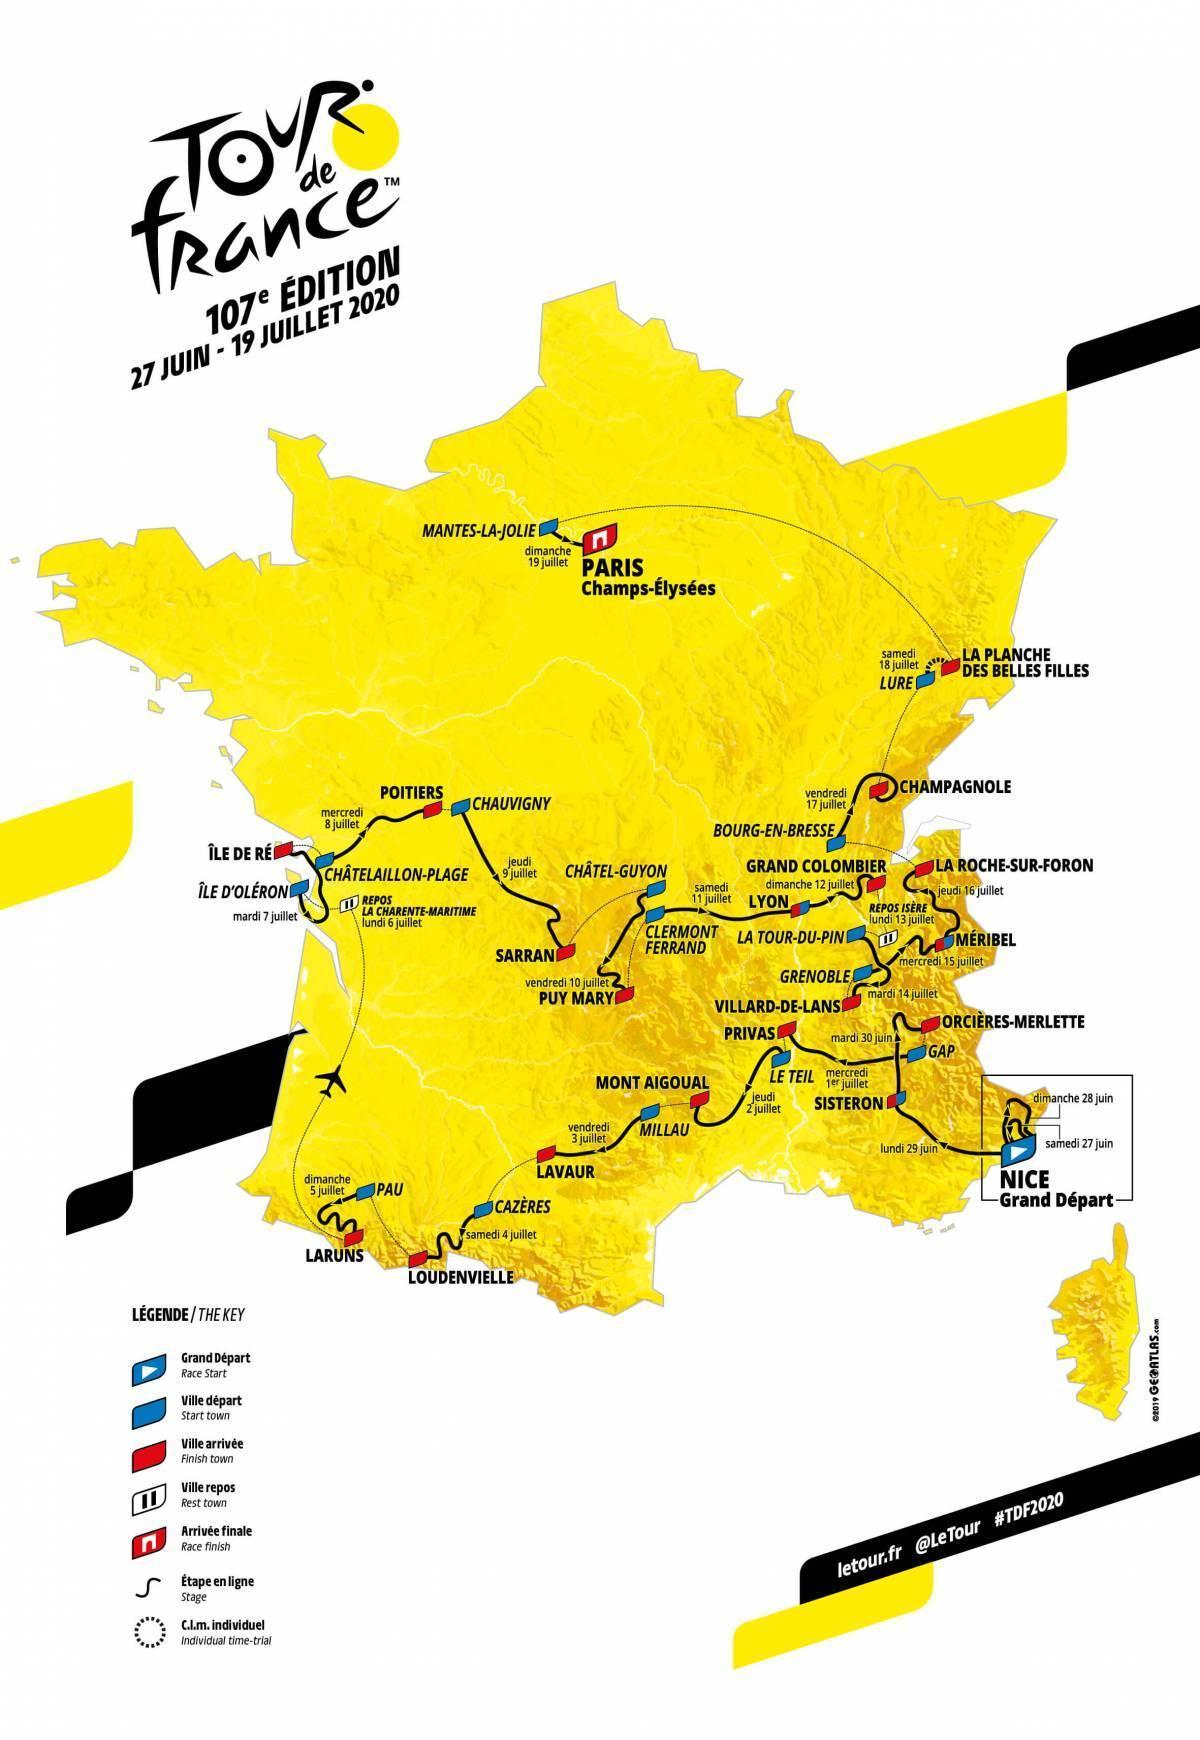 Tour de France parcours 2020